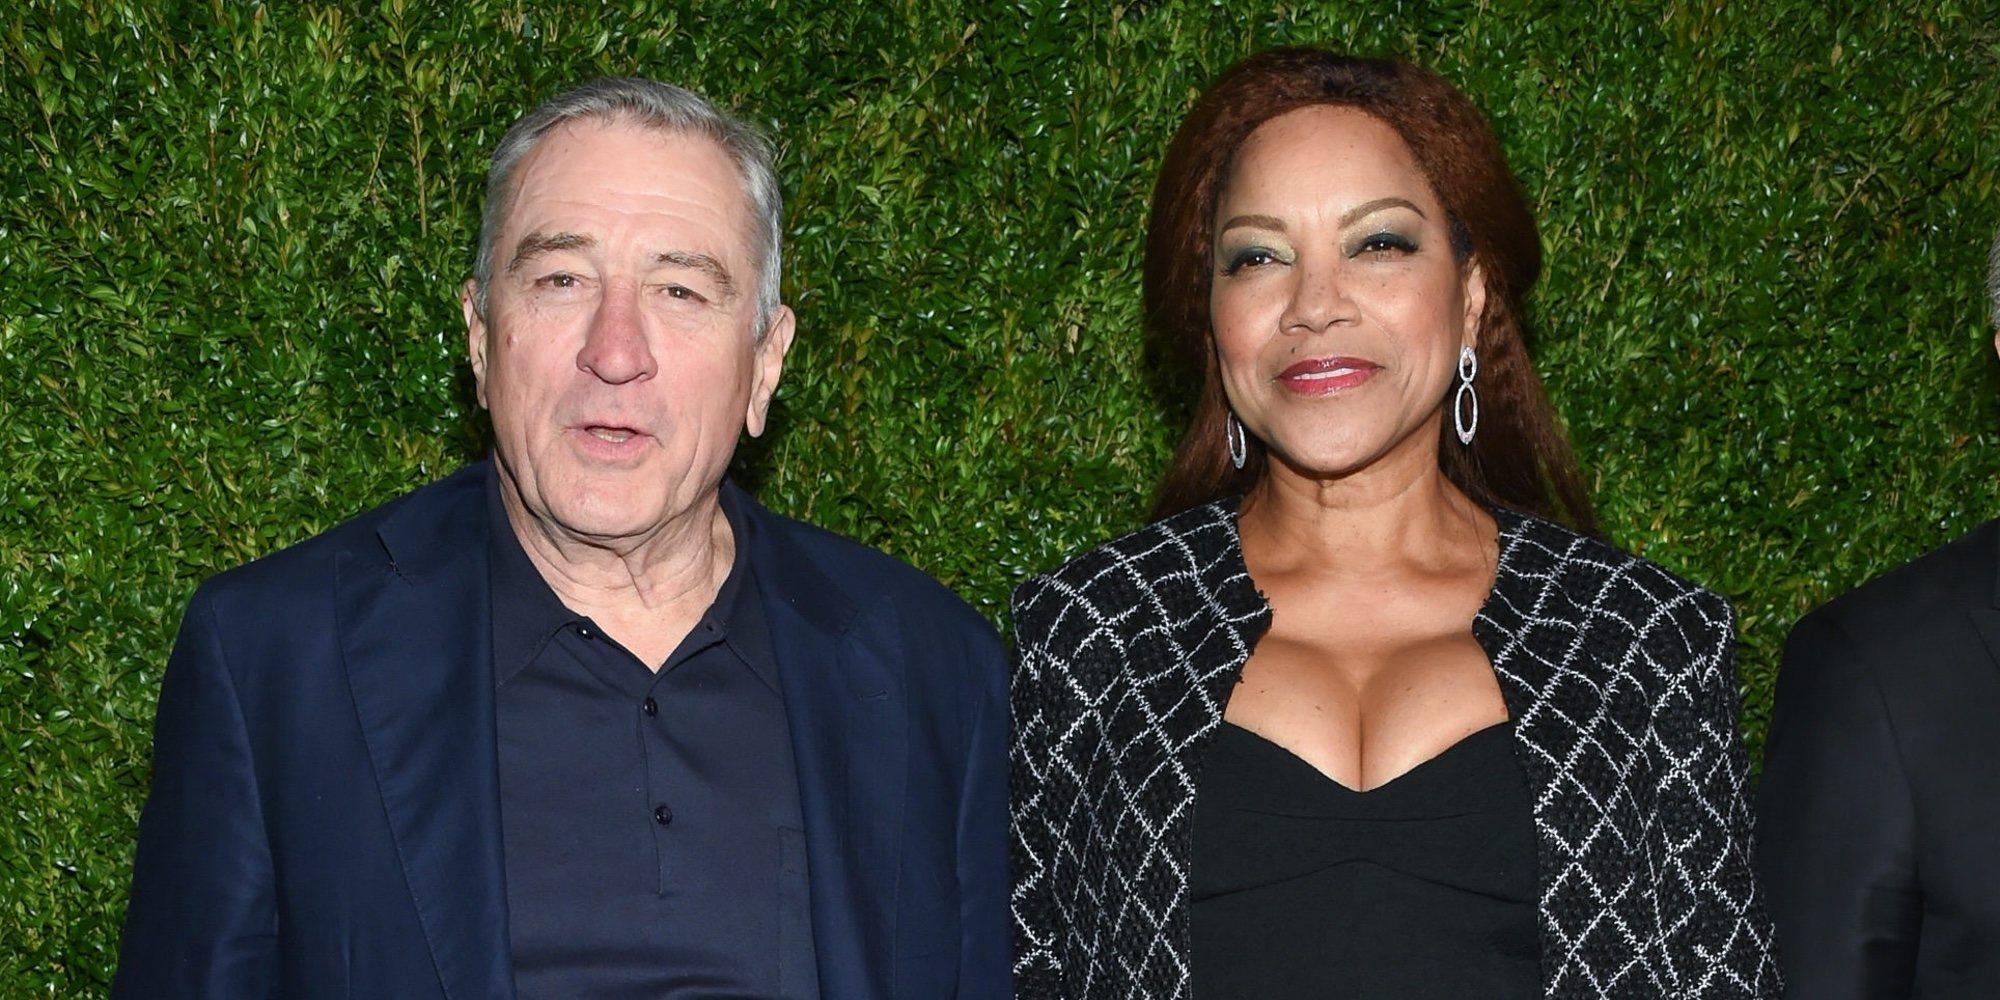 Robert De Niro y Grace Hightower se separan tras 20 años de matrimonio